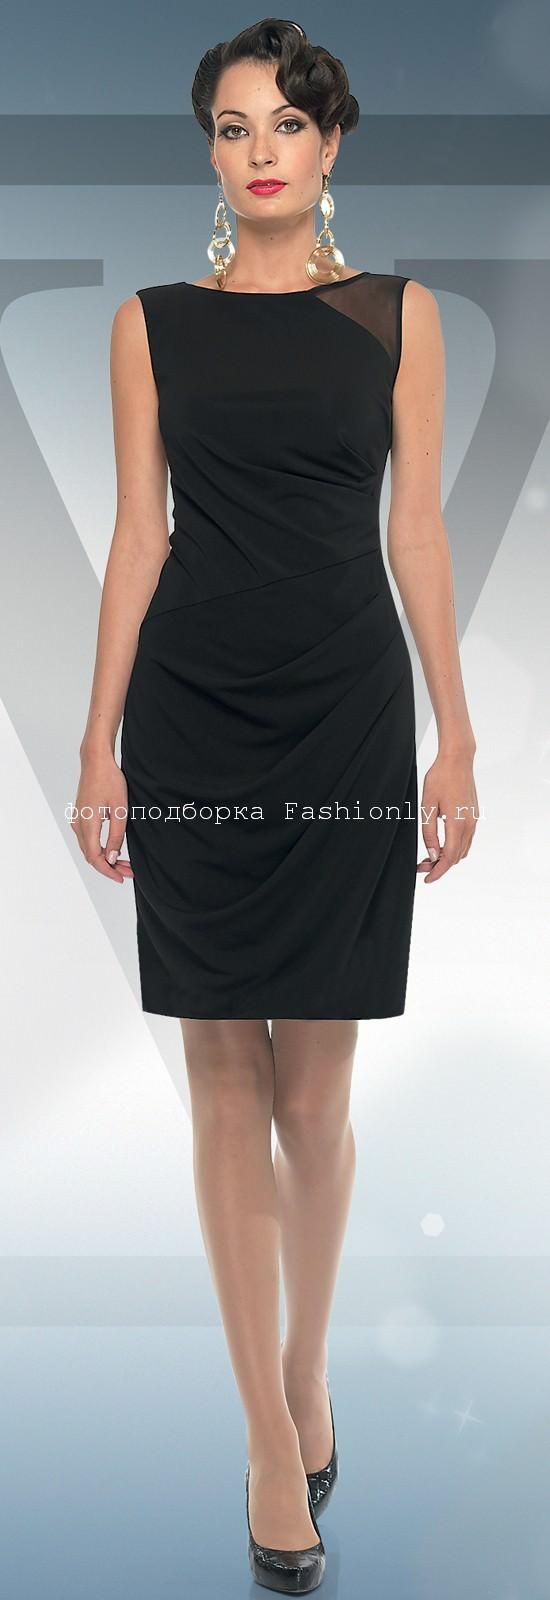 Черное платье на Новый 2012 год